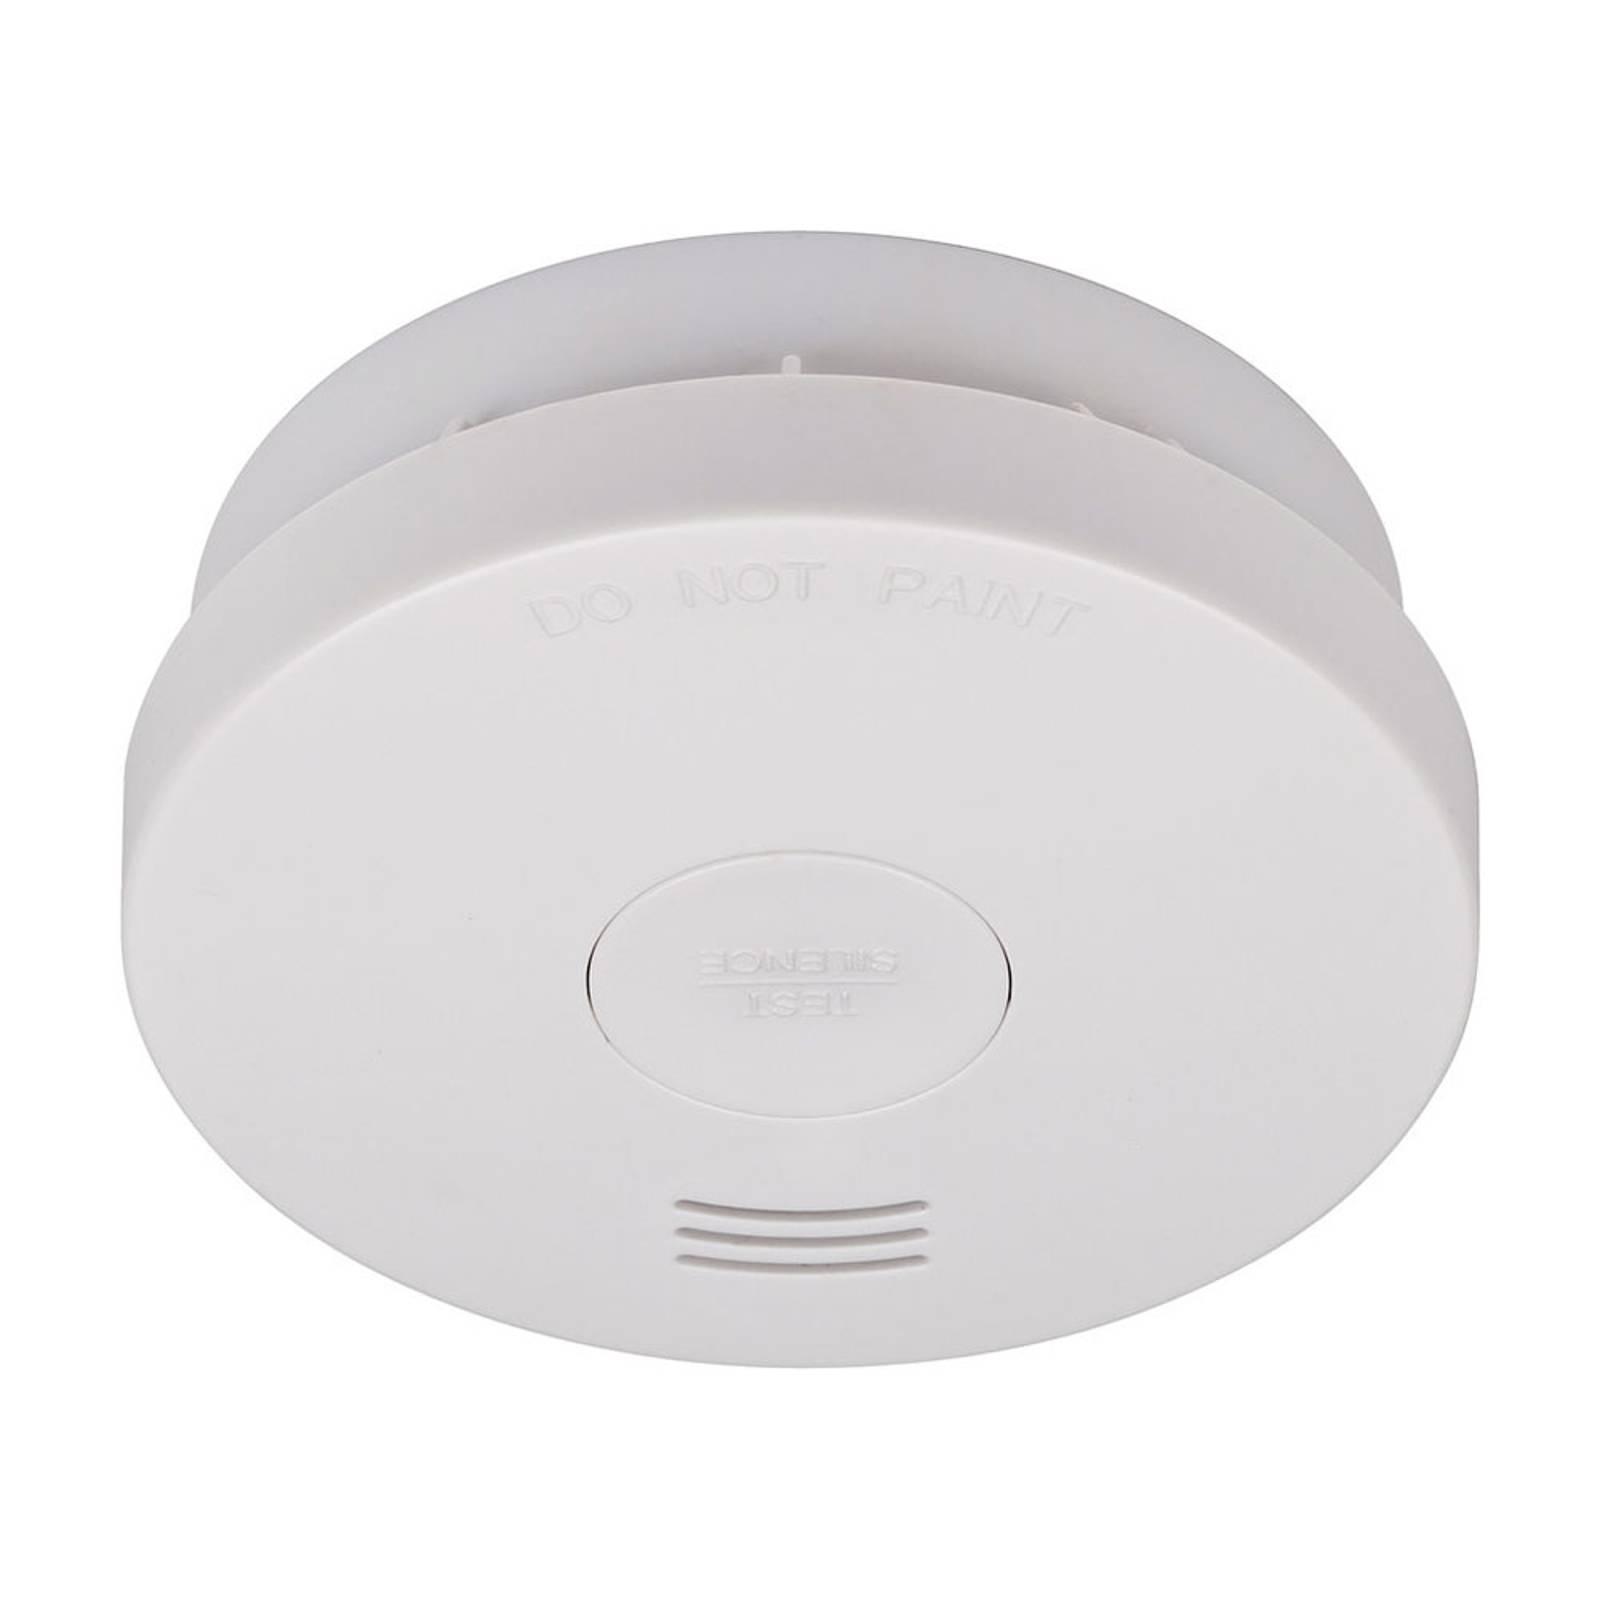 RM L 3100 smoke alarm